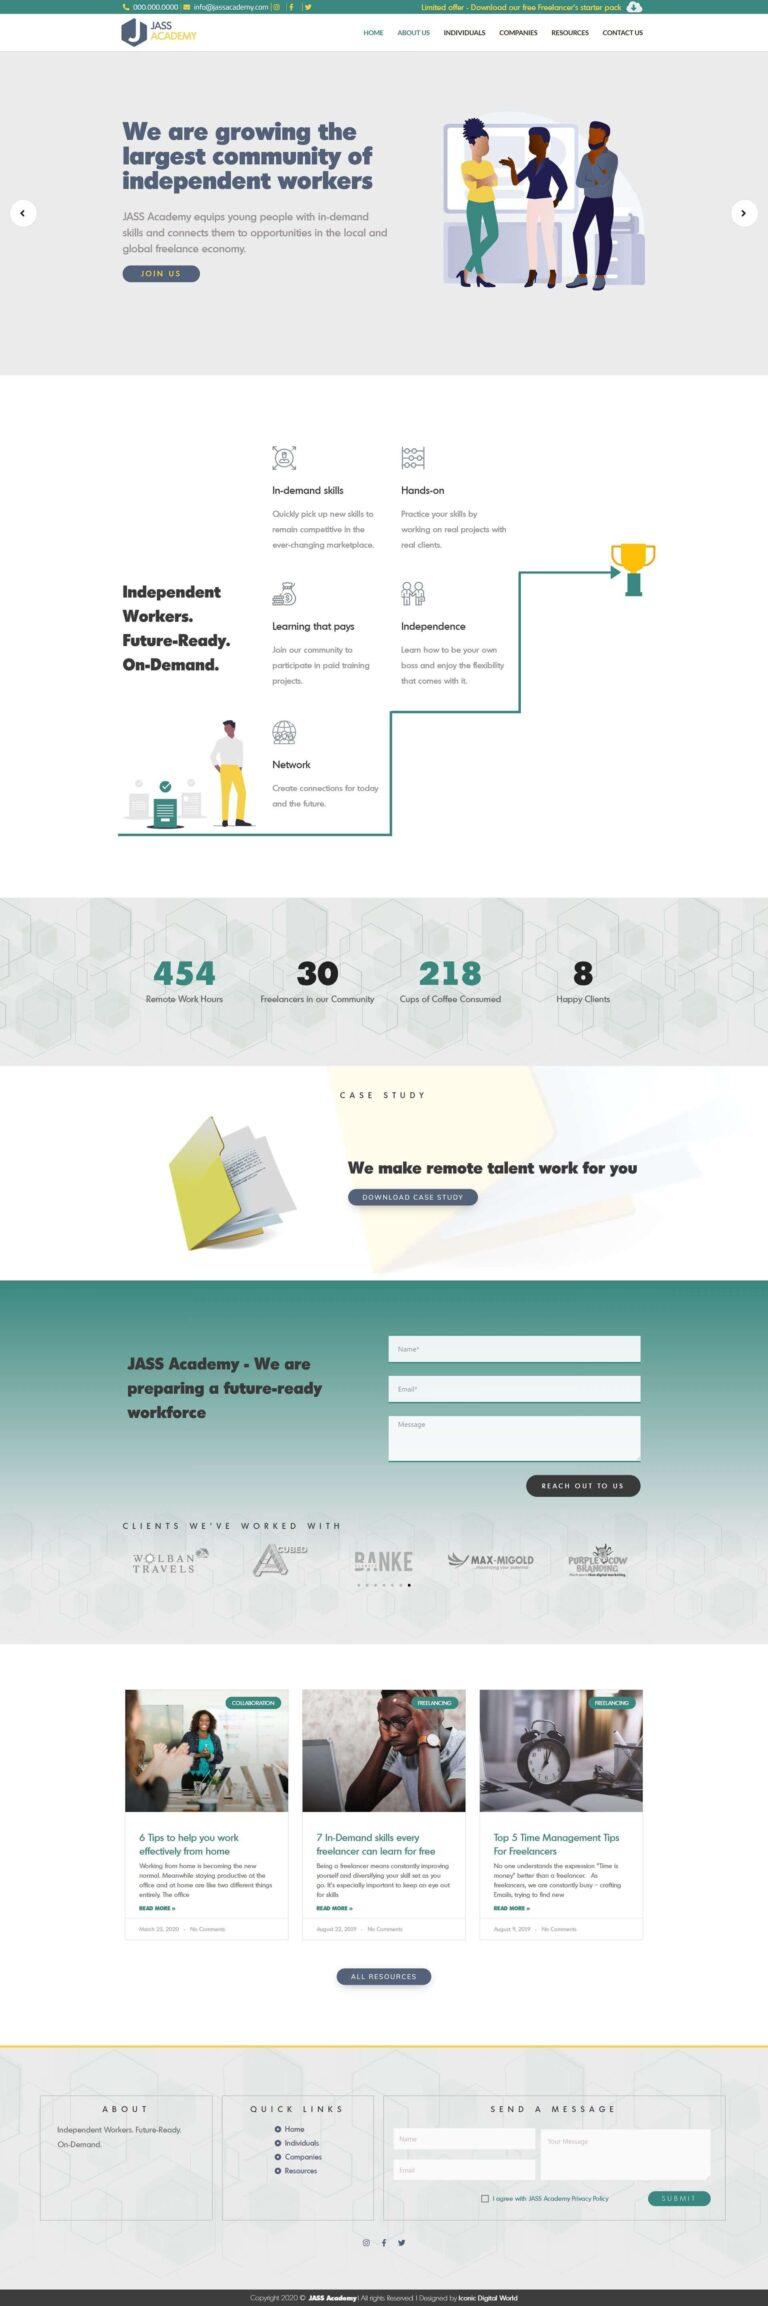 JASS Academy Home page Screenshot